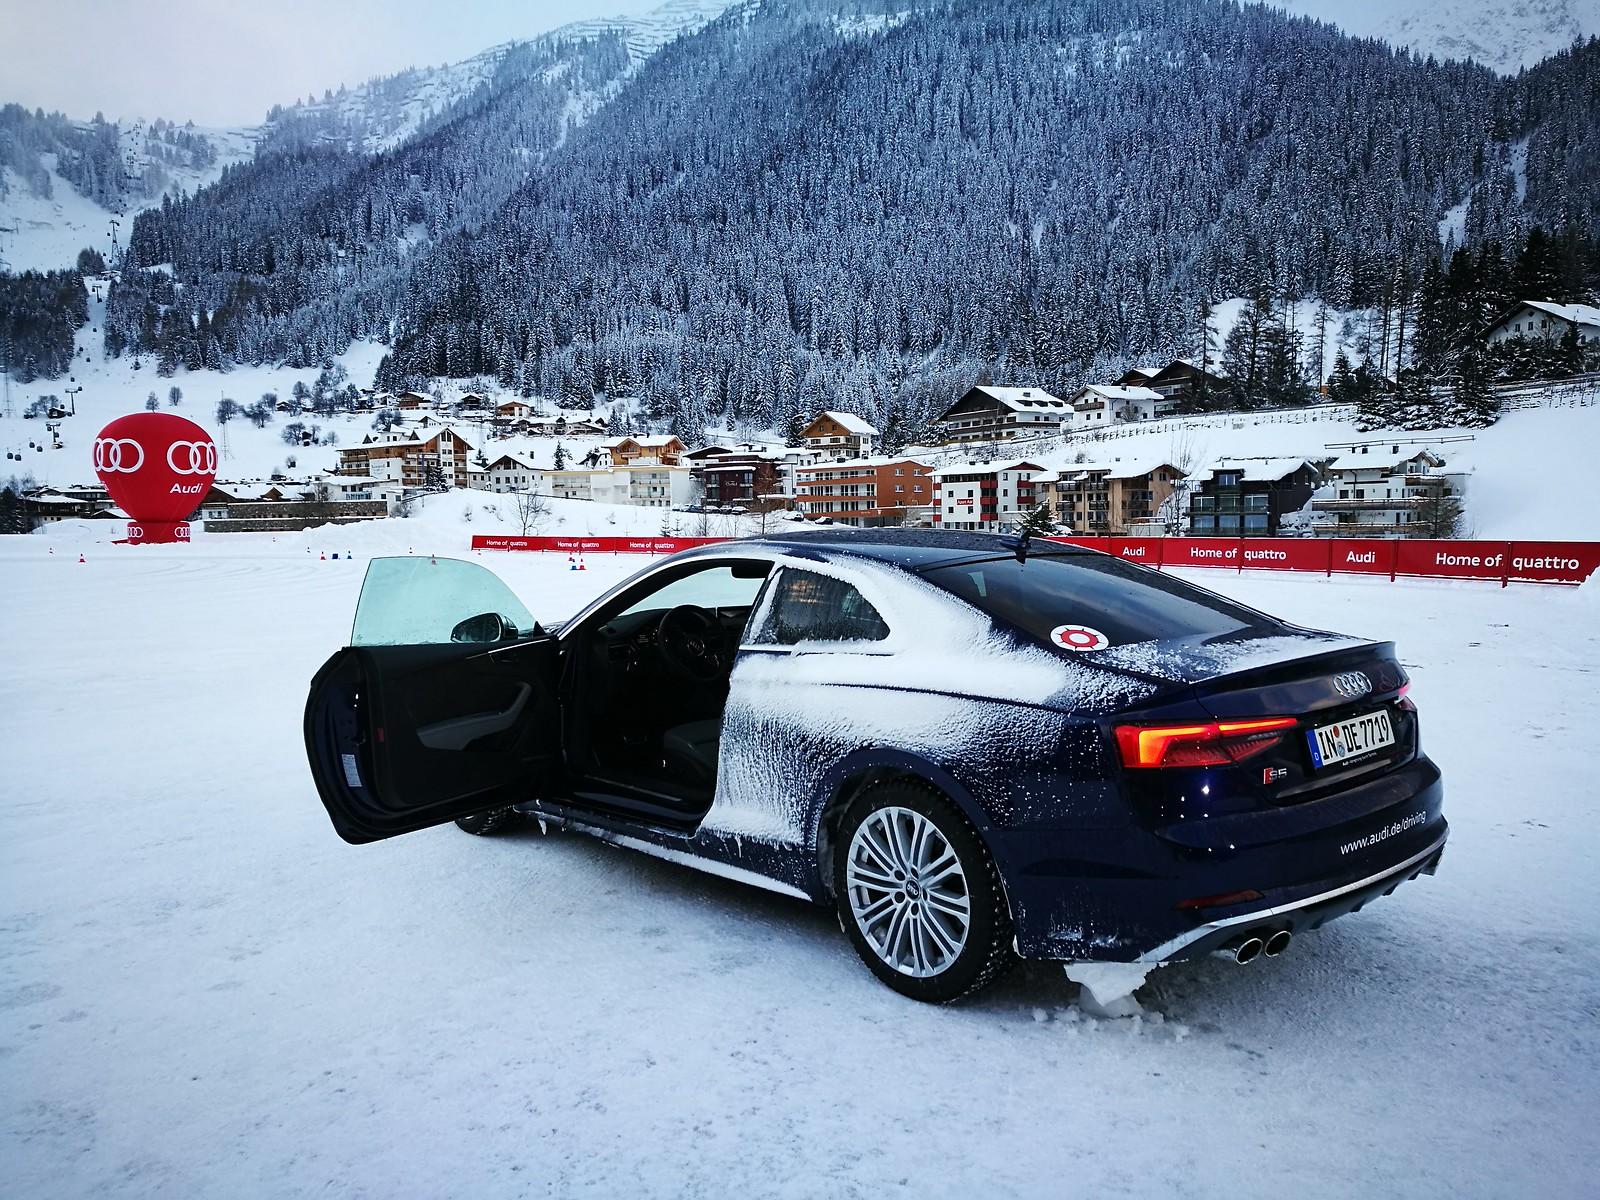 Audi S5 in the snow